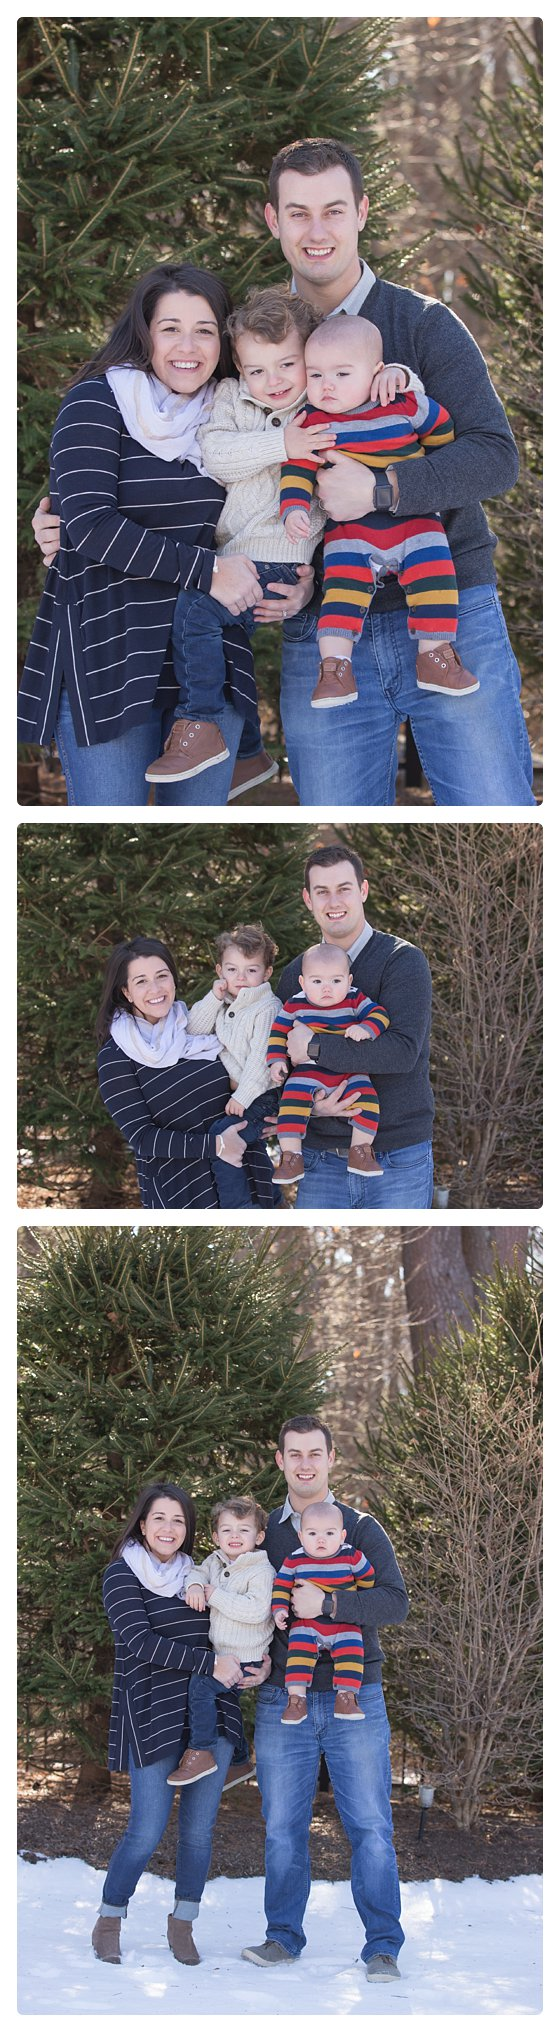 Family photos outside in Cohassett Massachusetts